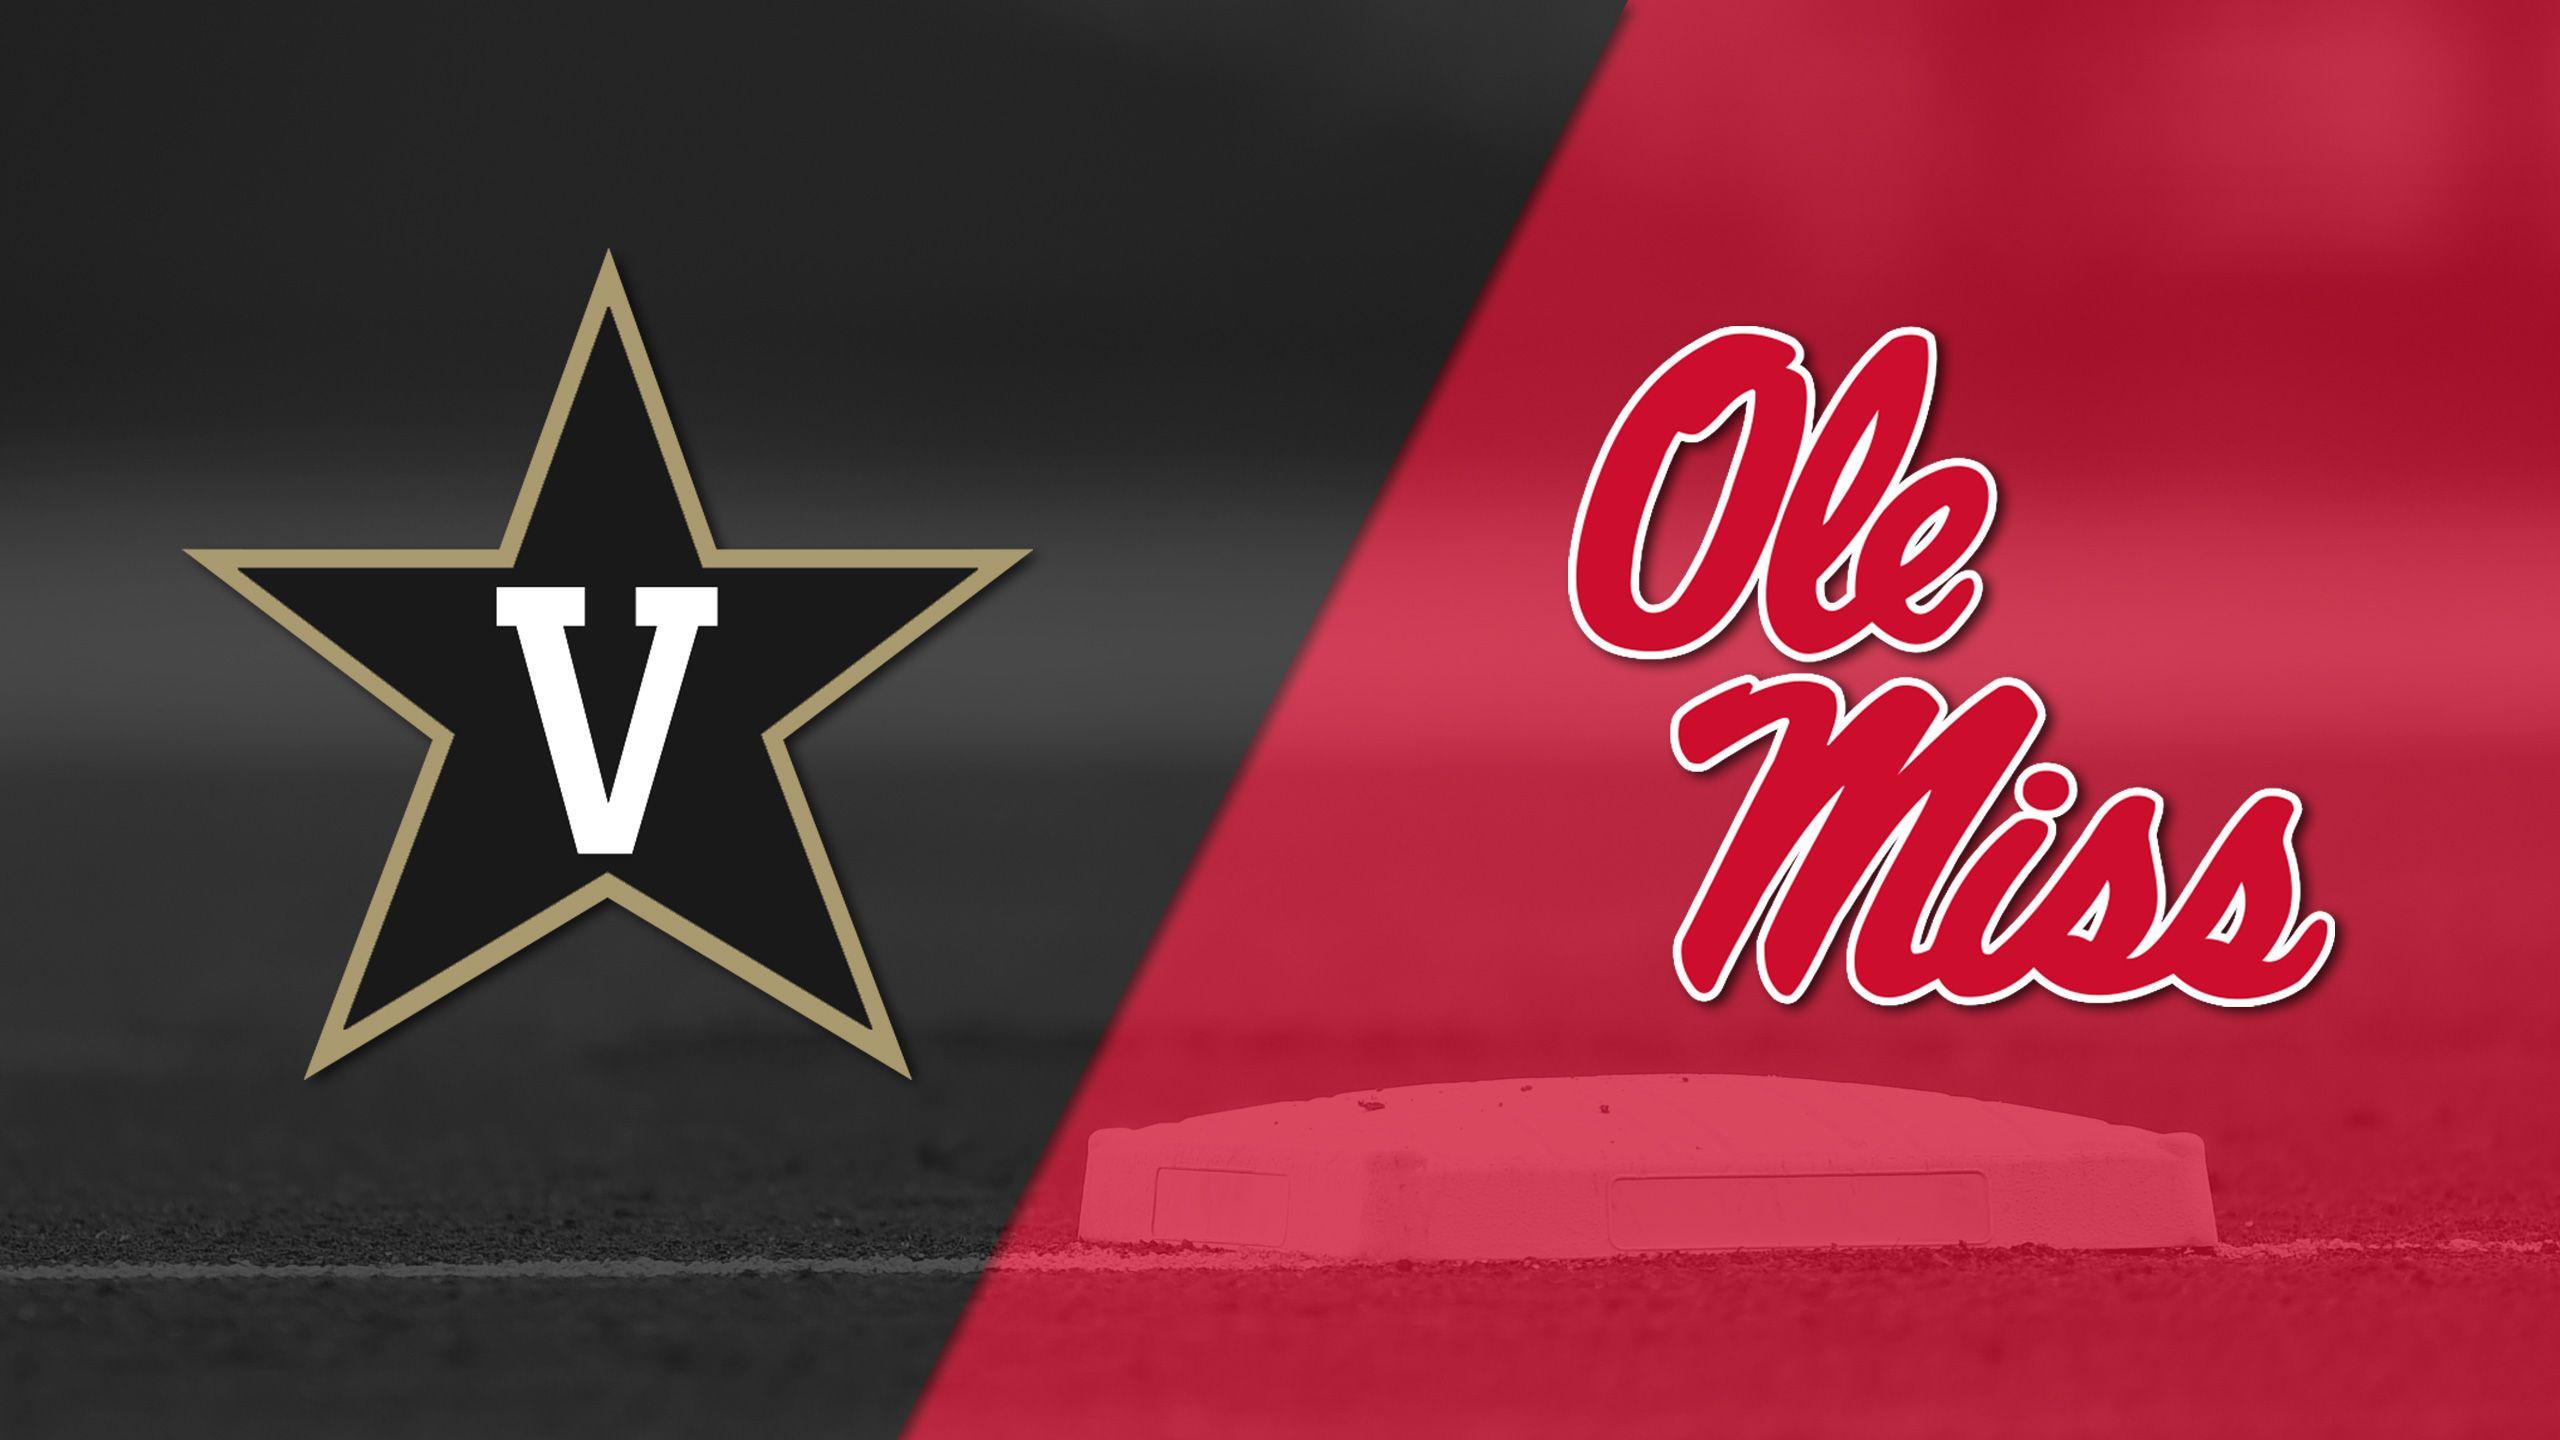 #23 Vanderbilt vs. #19 Ole Miss (Baseball)